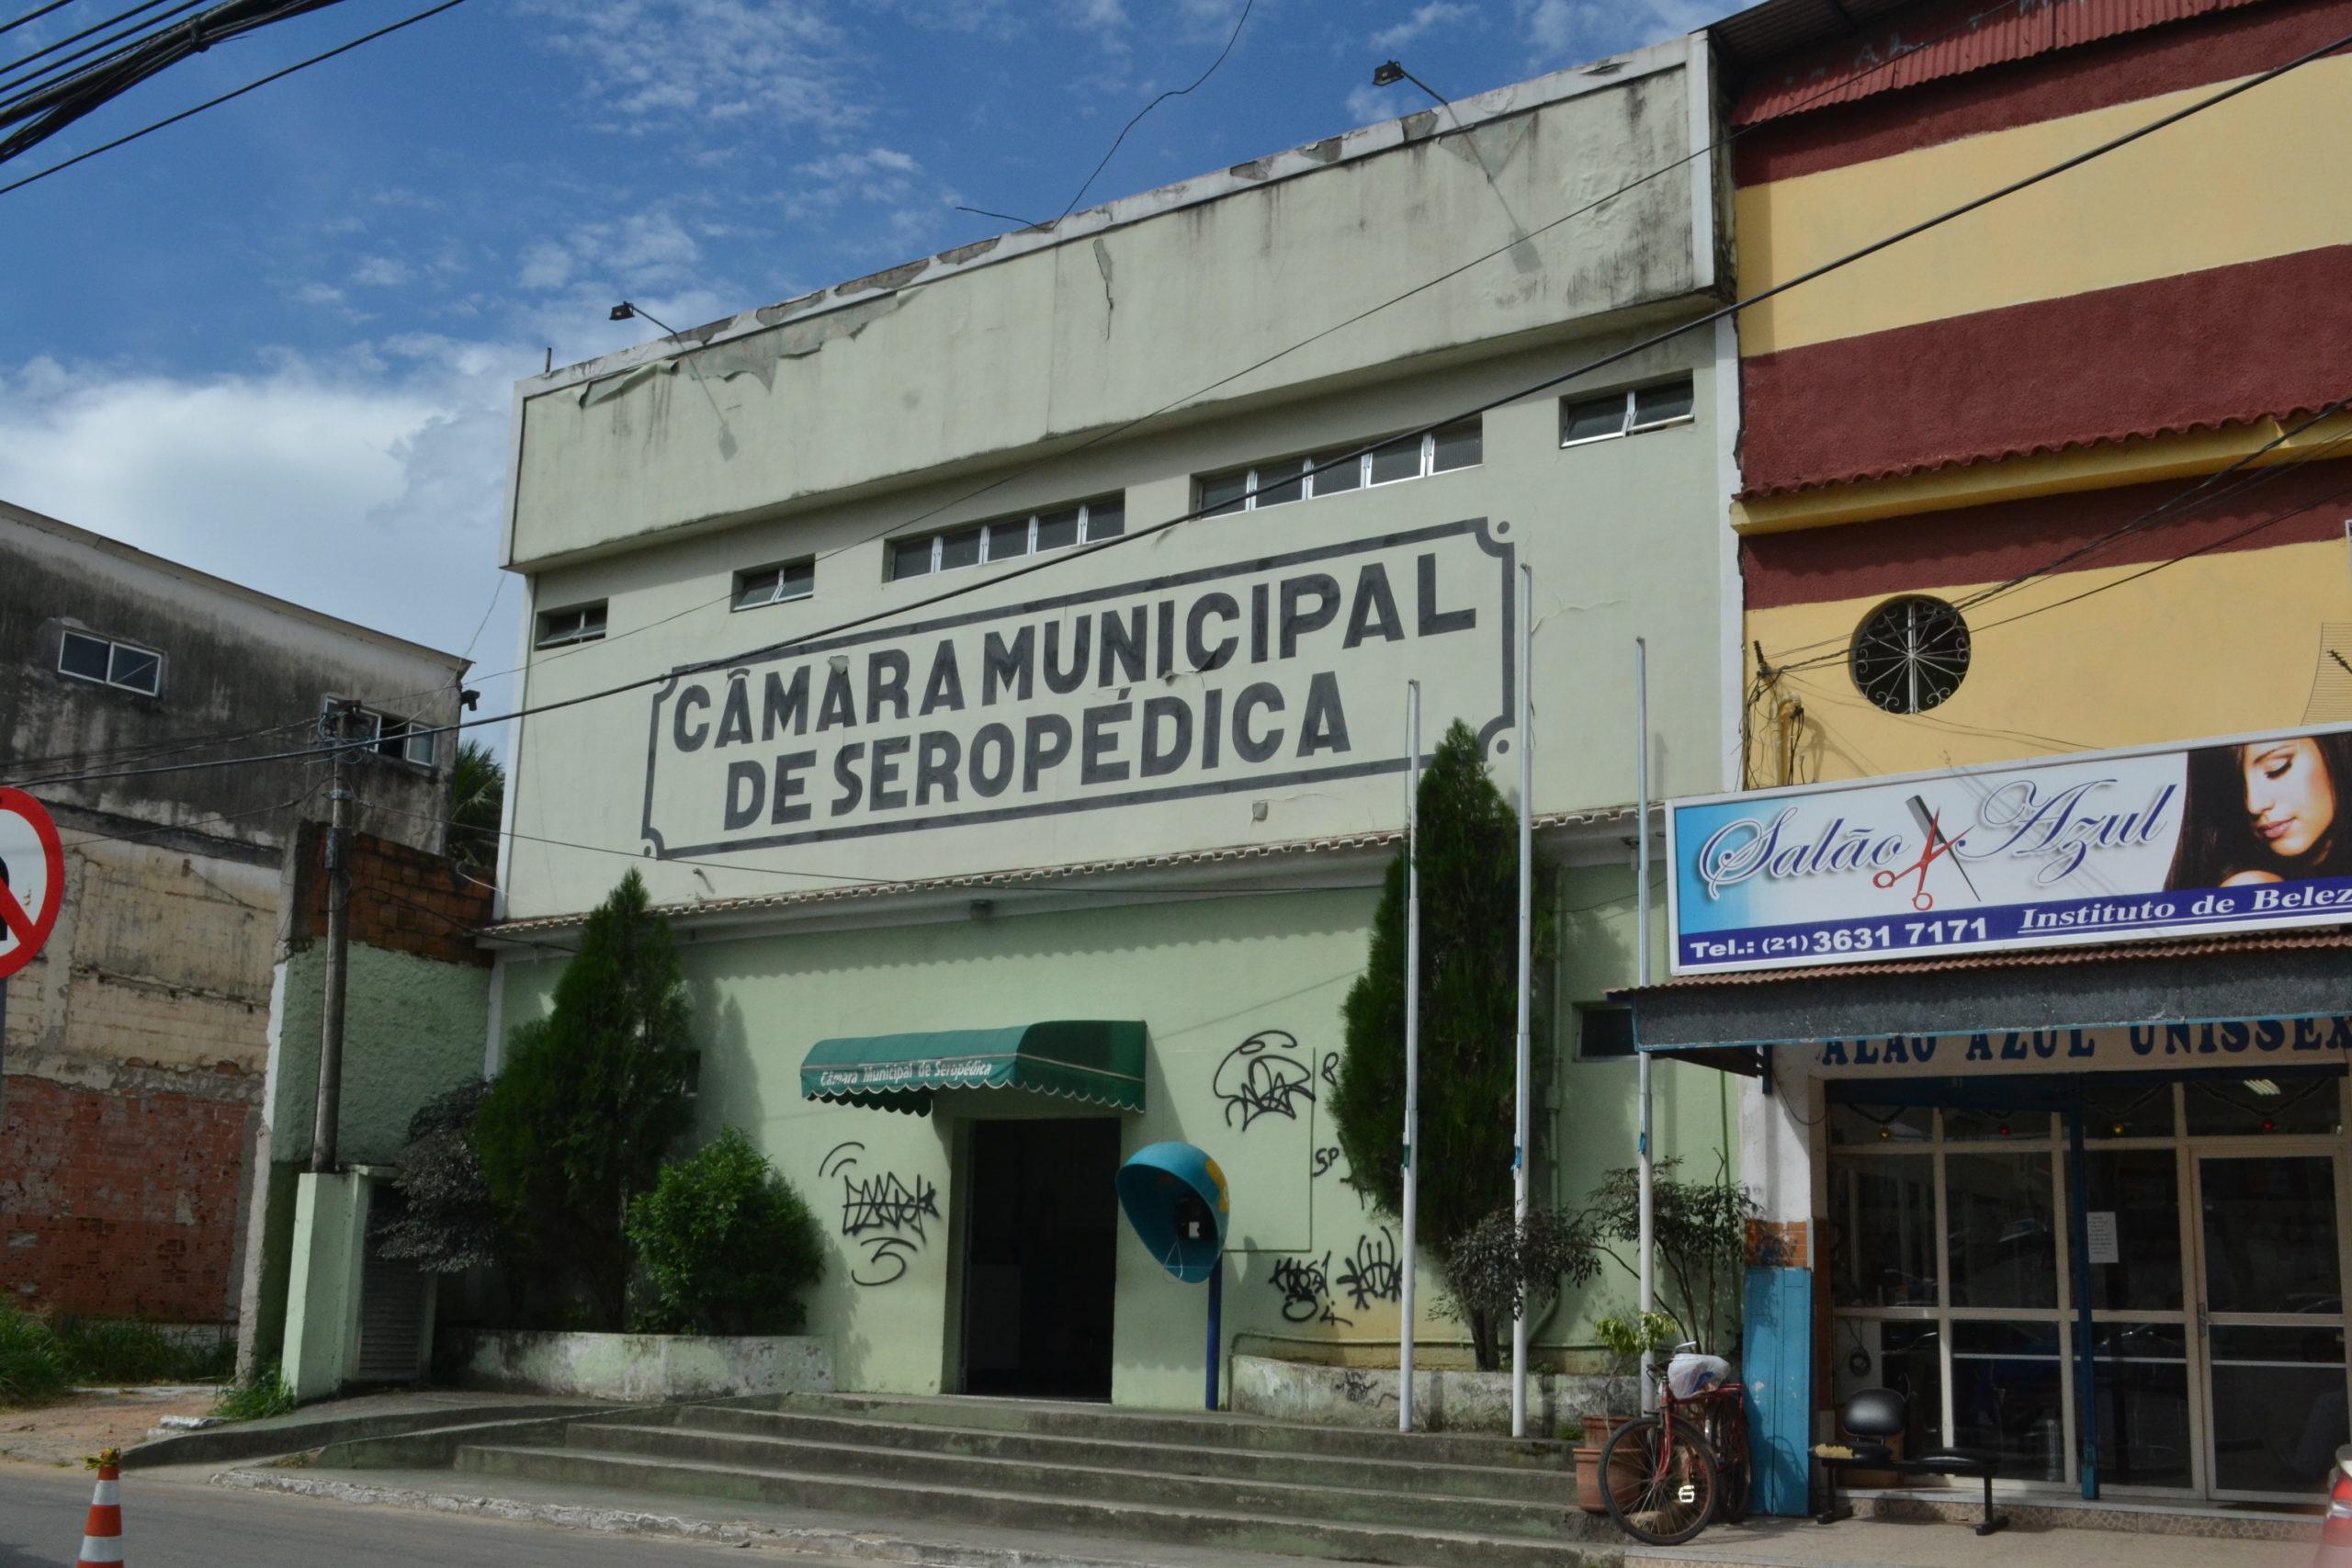 Julgamento aconteceu nesta quinta-feira (8), na Câmara Municipal de Seropédica